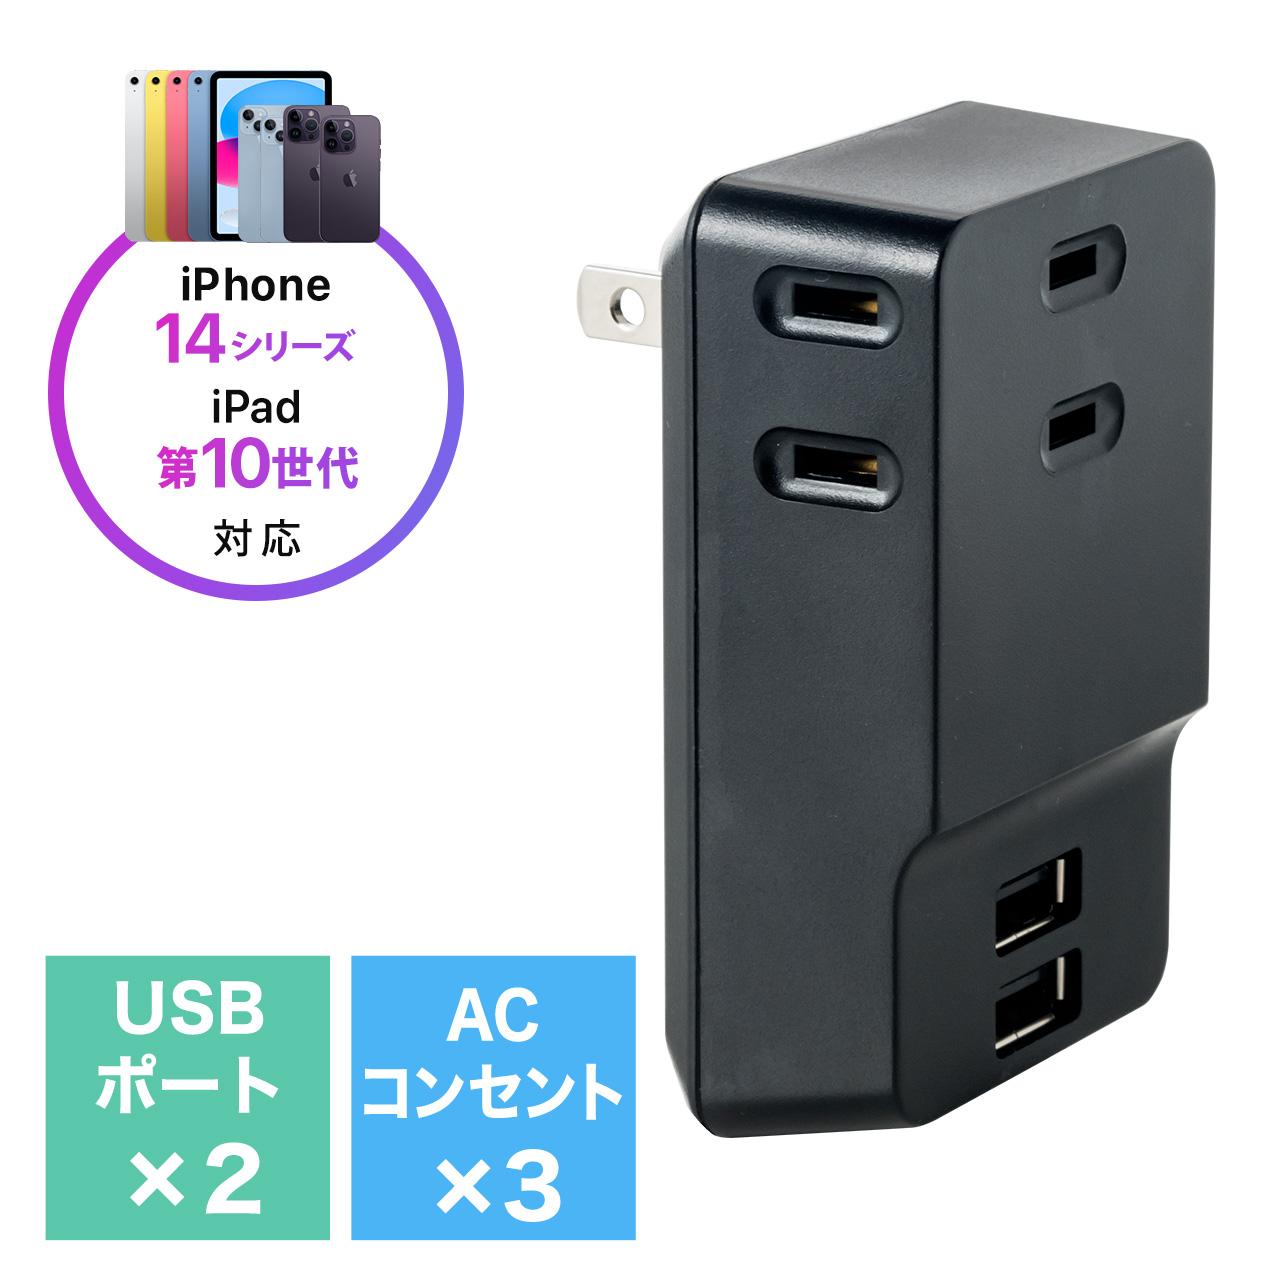 コンセントタップ付きUSB-ACアダプタ(AC3ポート・USB2ポート・2.4A・ブラック) サンワダイレクト サンワサプライ 700-AC016BK